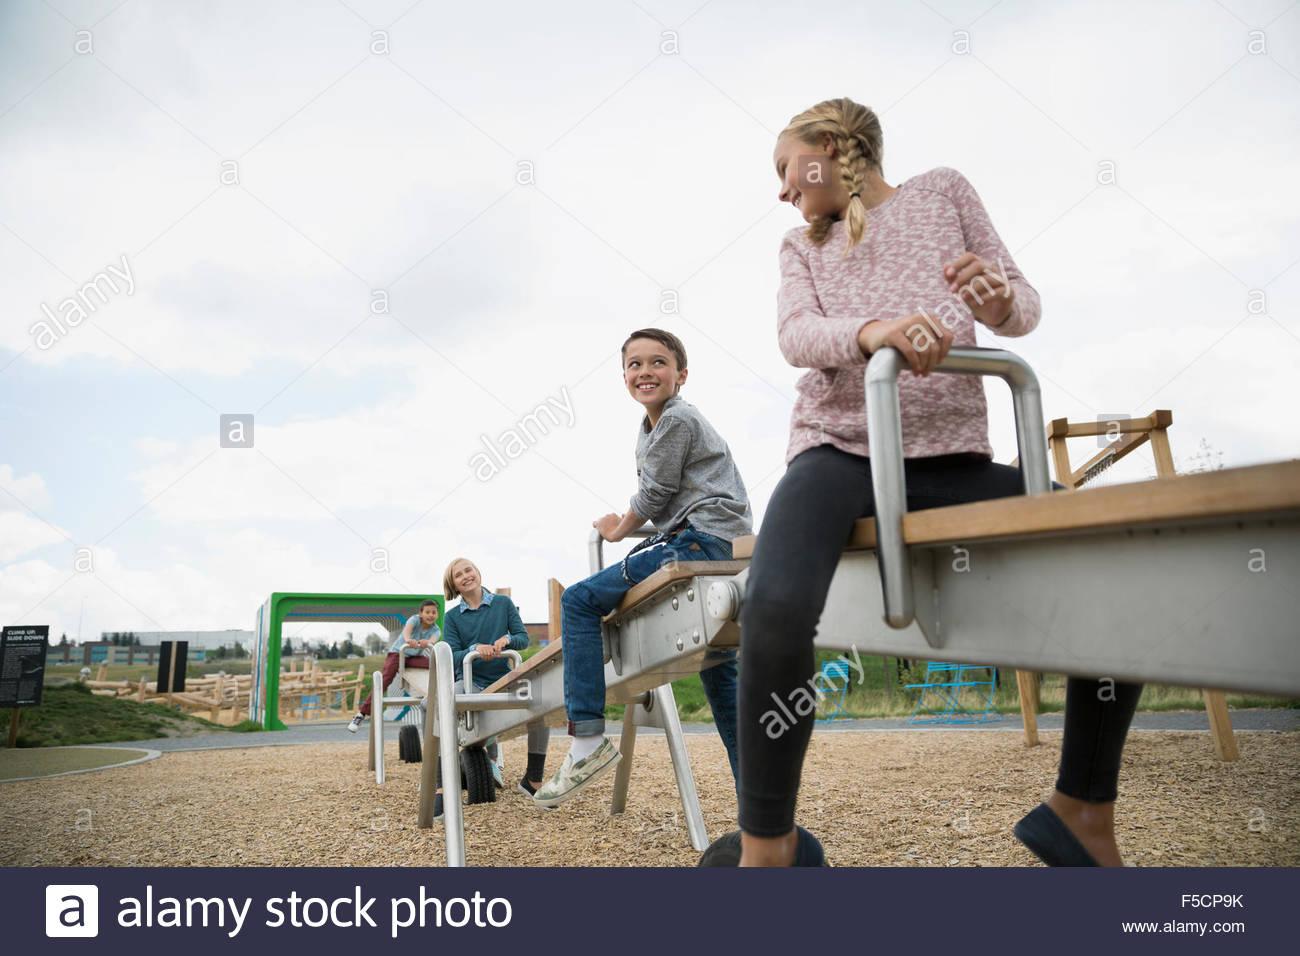 Les enfants jouant sur la balançoire à jeux pour enfants Photo Stock